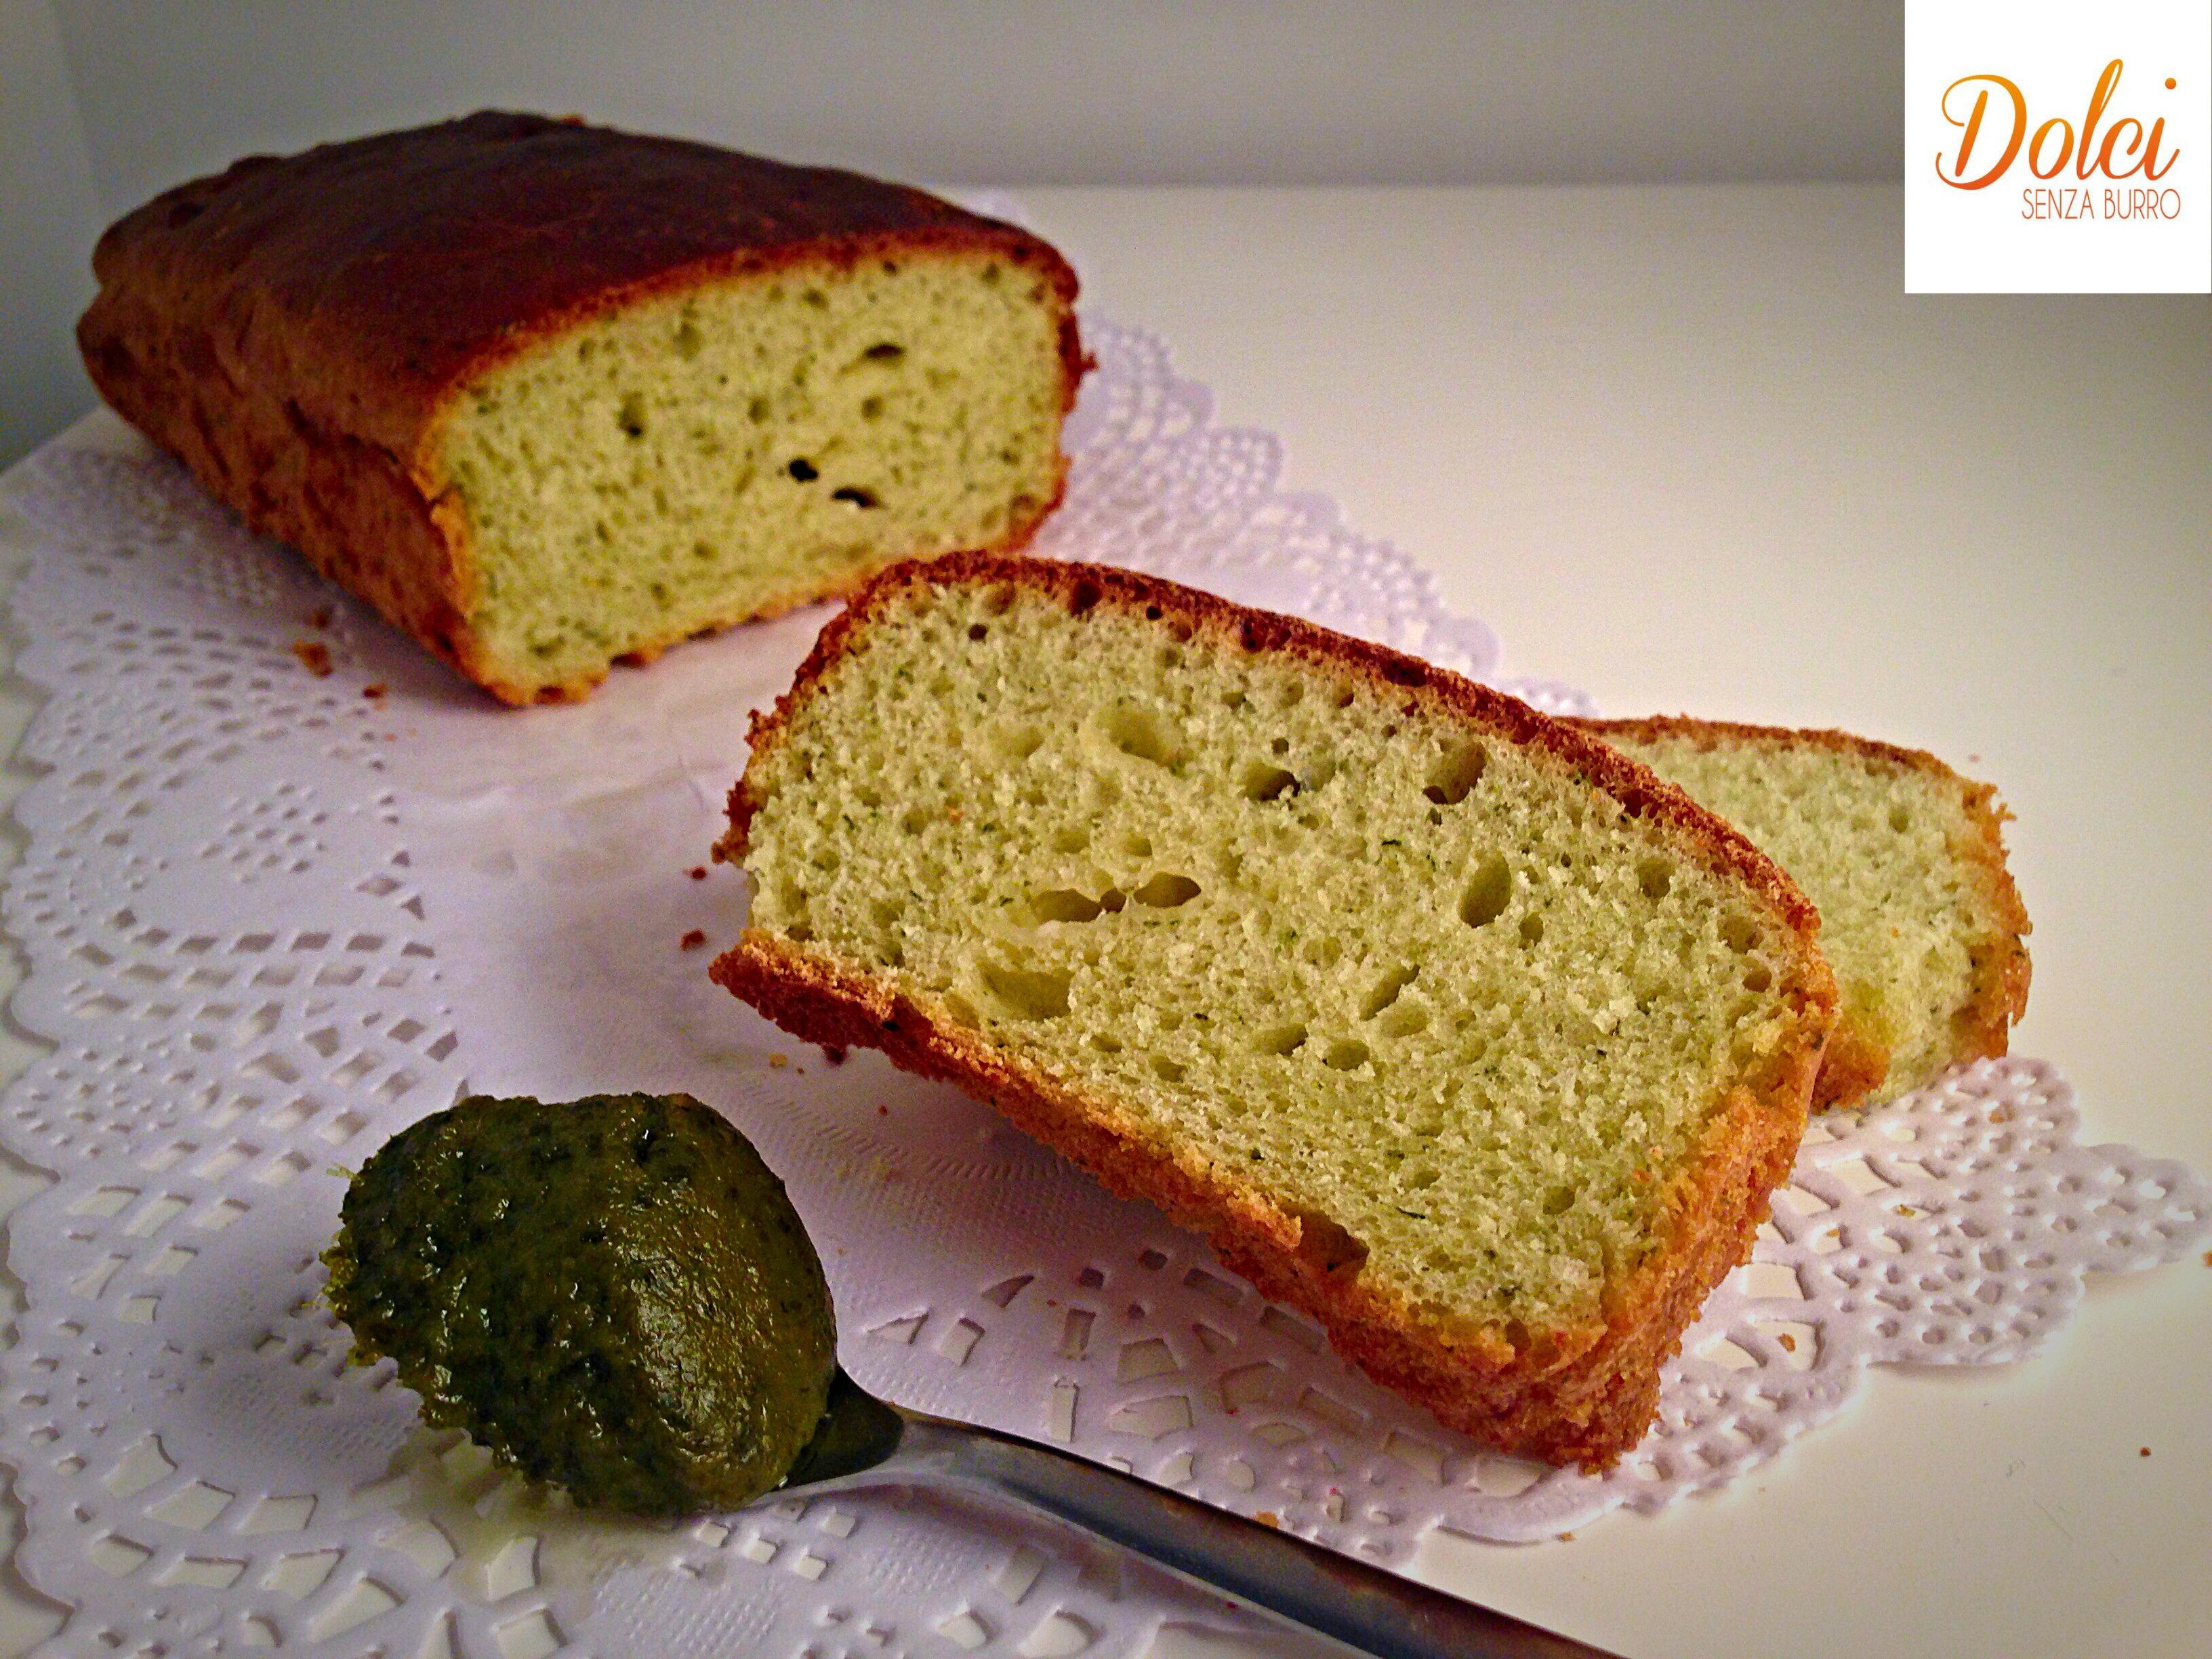 Populaire Plumcake Salato al Pesto - Dolci Senza Burro UU48